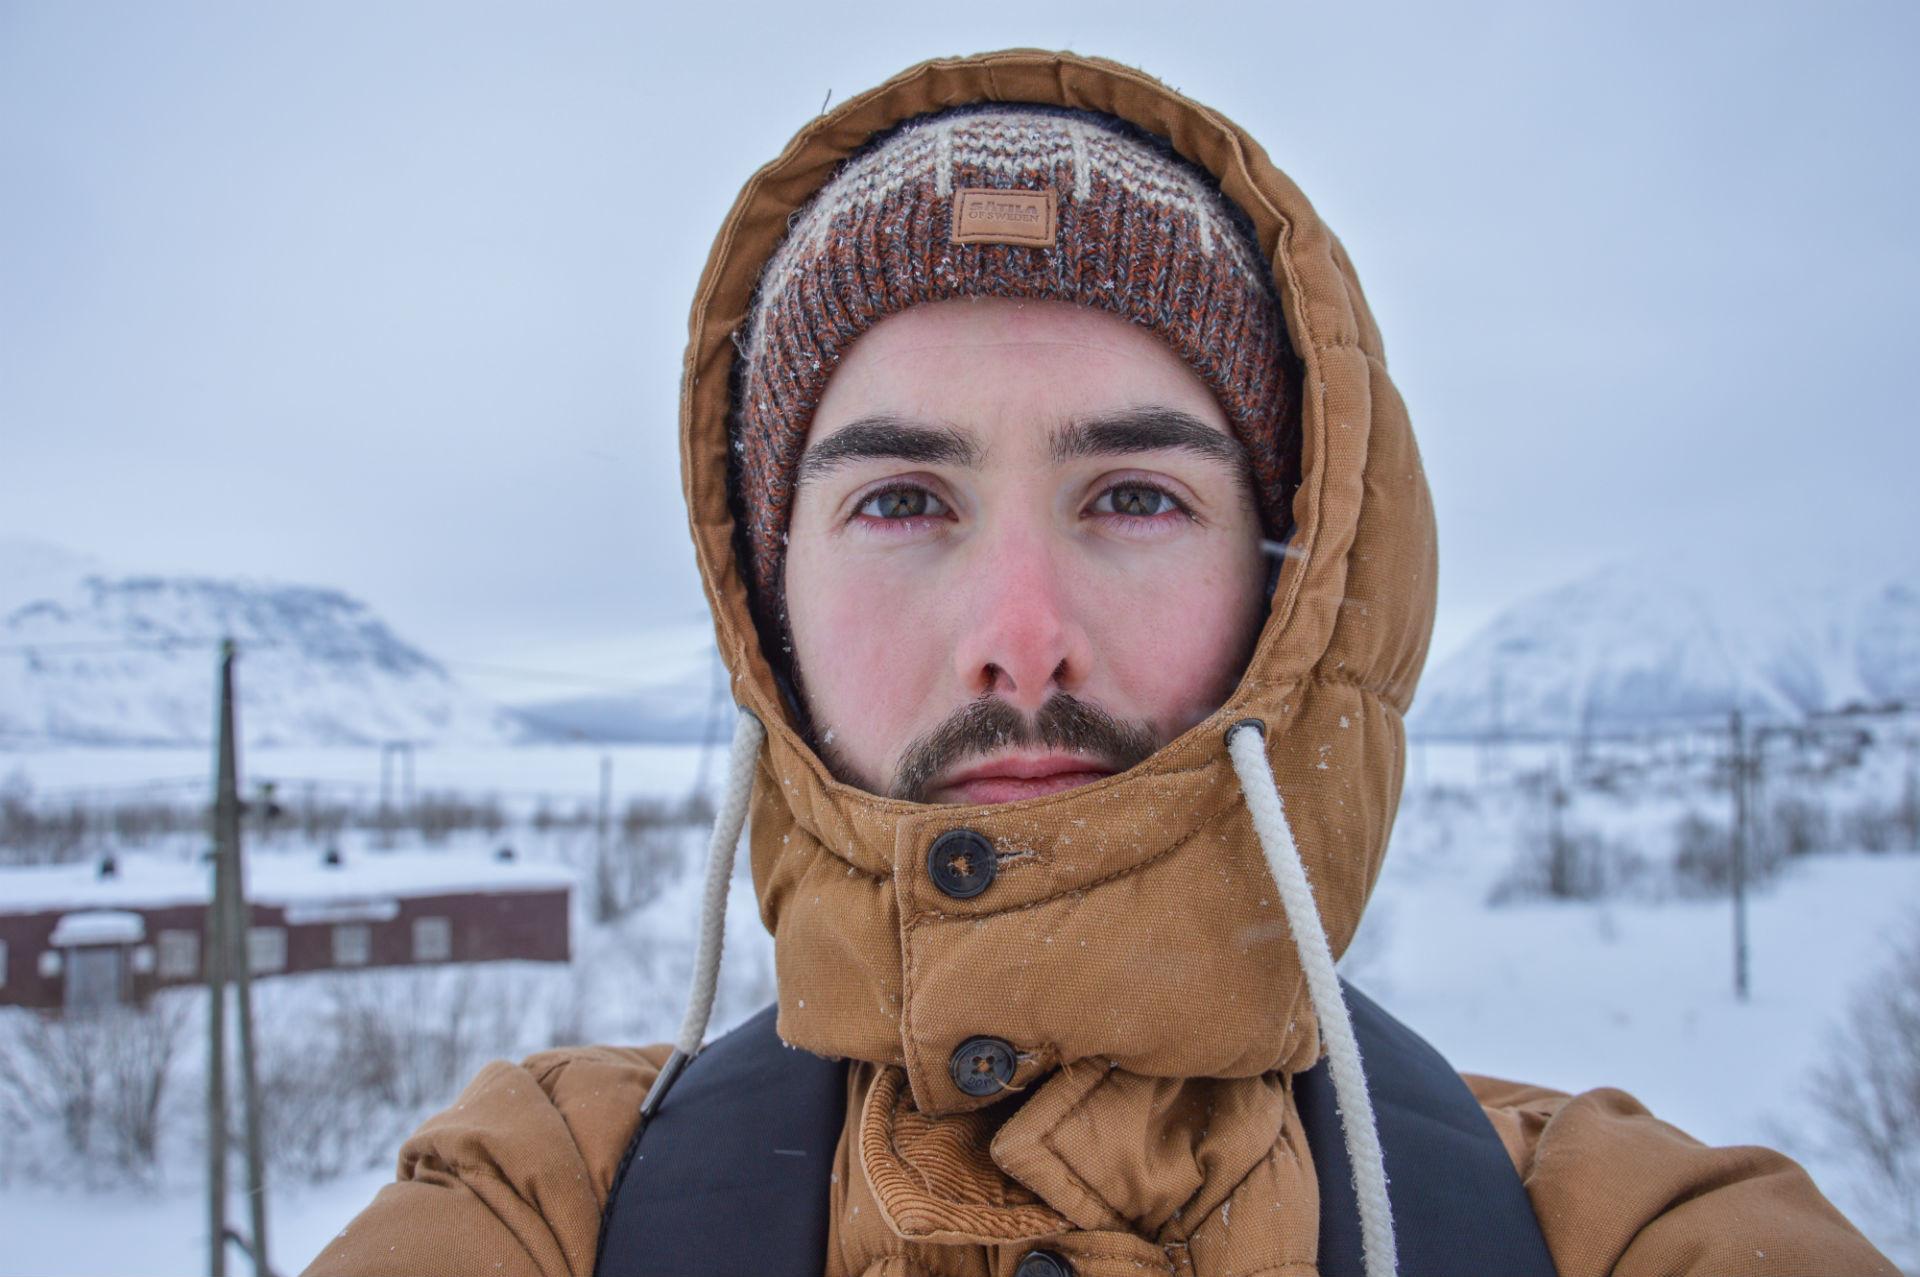 Il freddo non è così insopportabile come si può pensare, ma è comunque saggio coprirsi bene